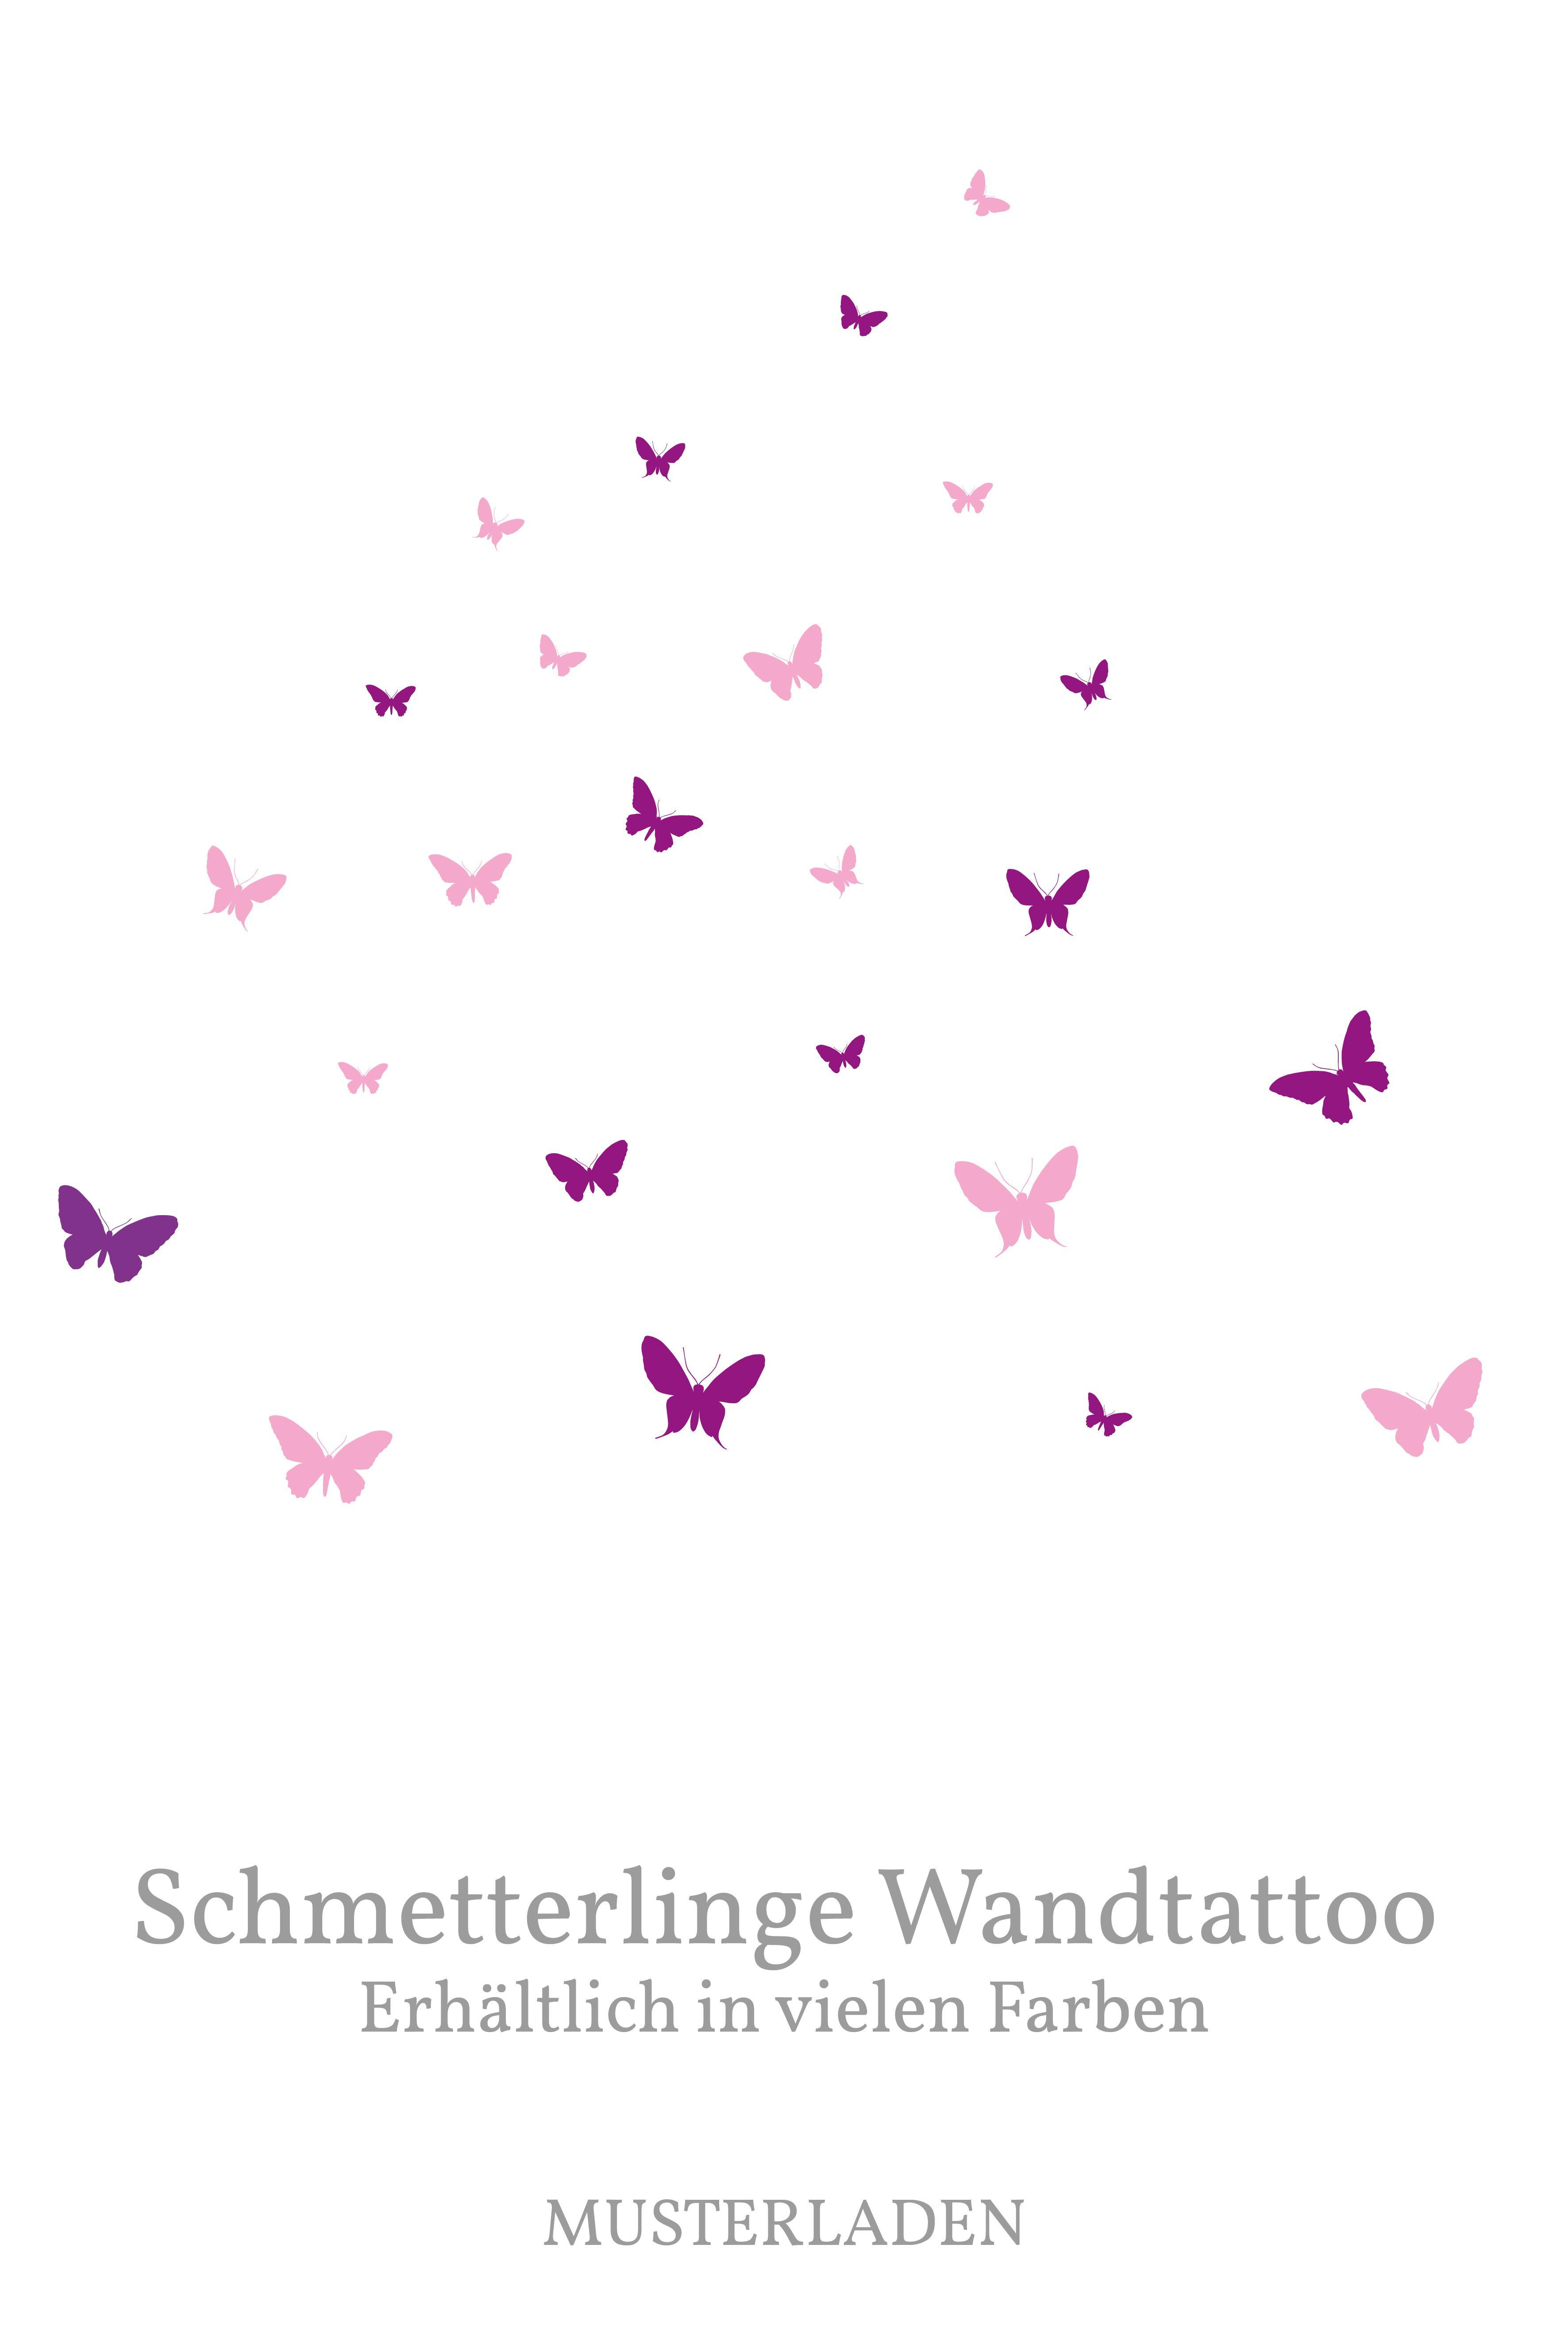 Schmetterlinge Wandtattoo - Set mit 24 in 2 Farben